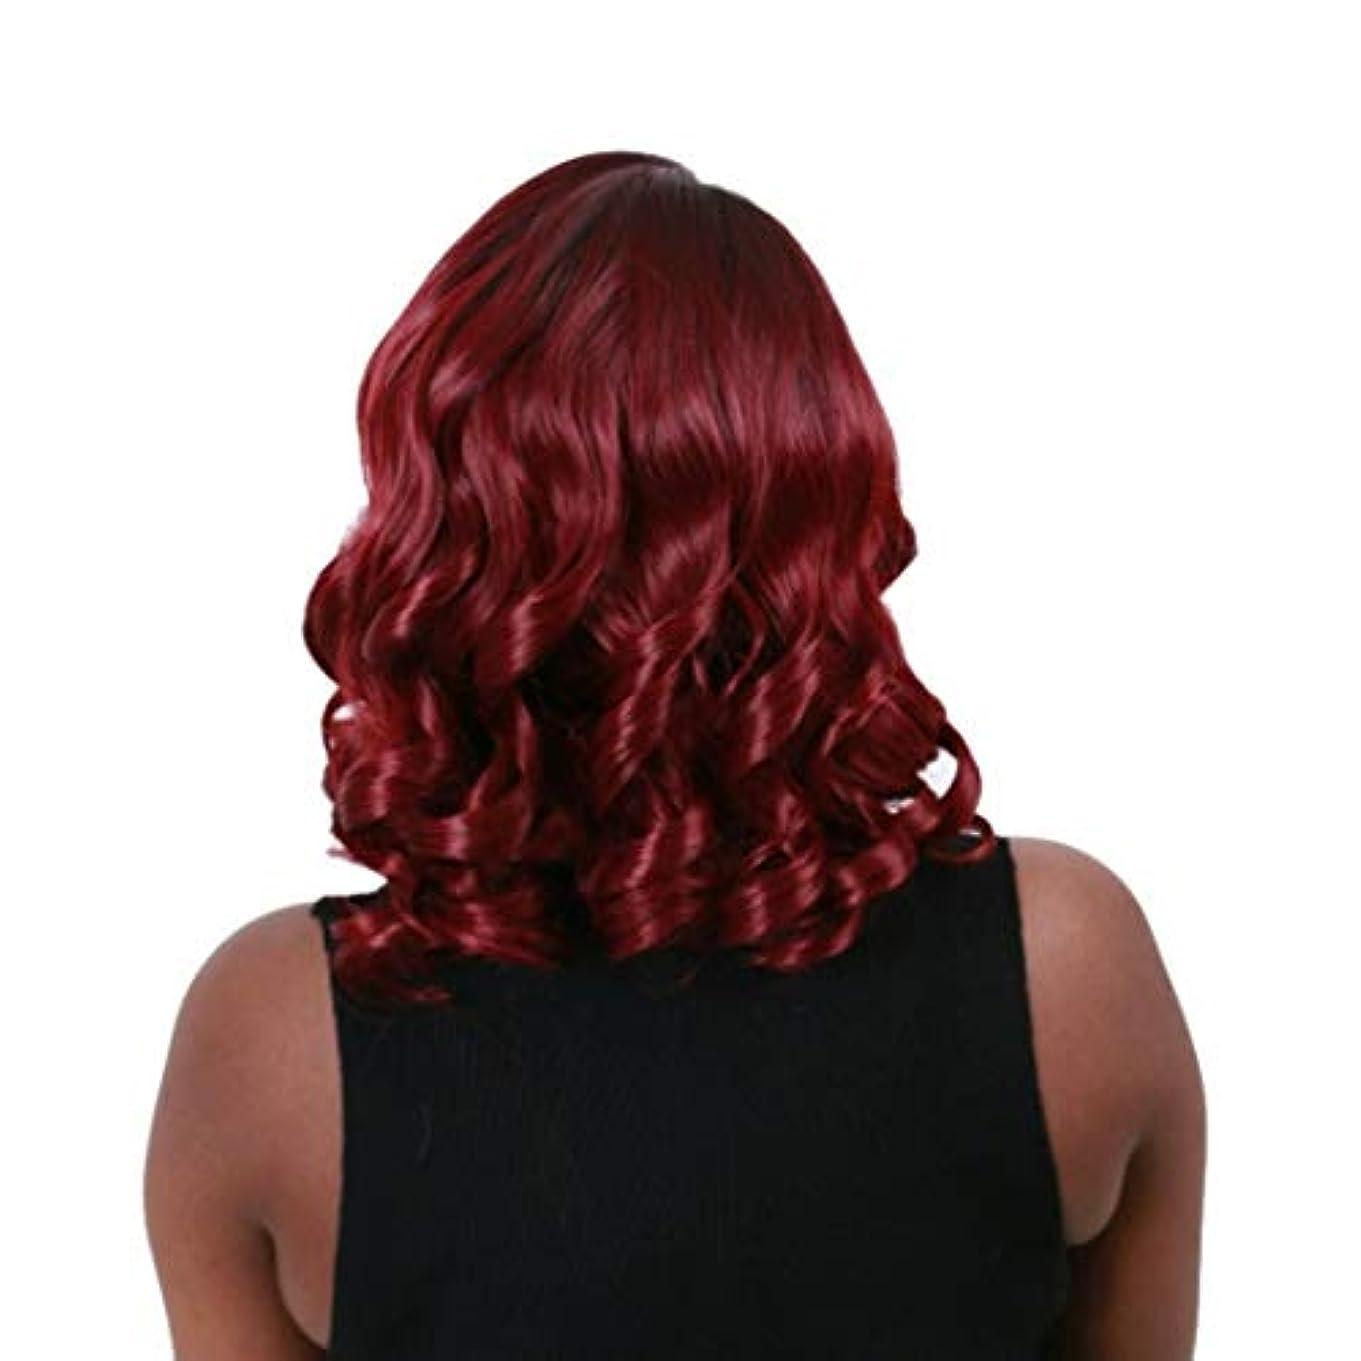 突破口ズームインする中央Kerwinner かつら女性のための傾斜前髪ショートカーリーヘアーワインレッド高温シルクウィッグ